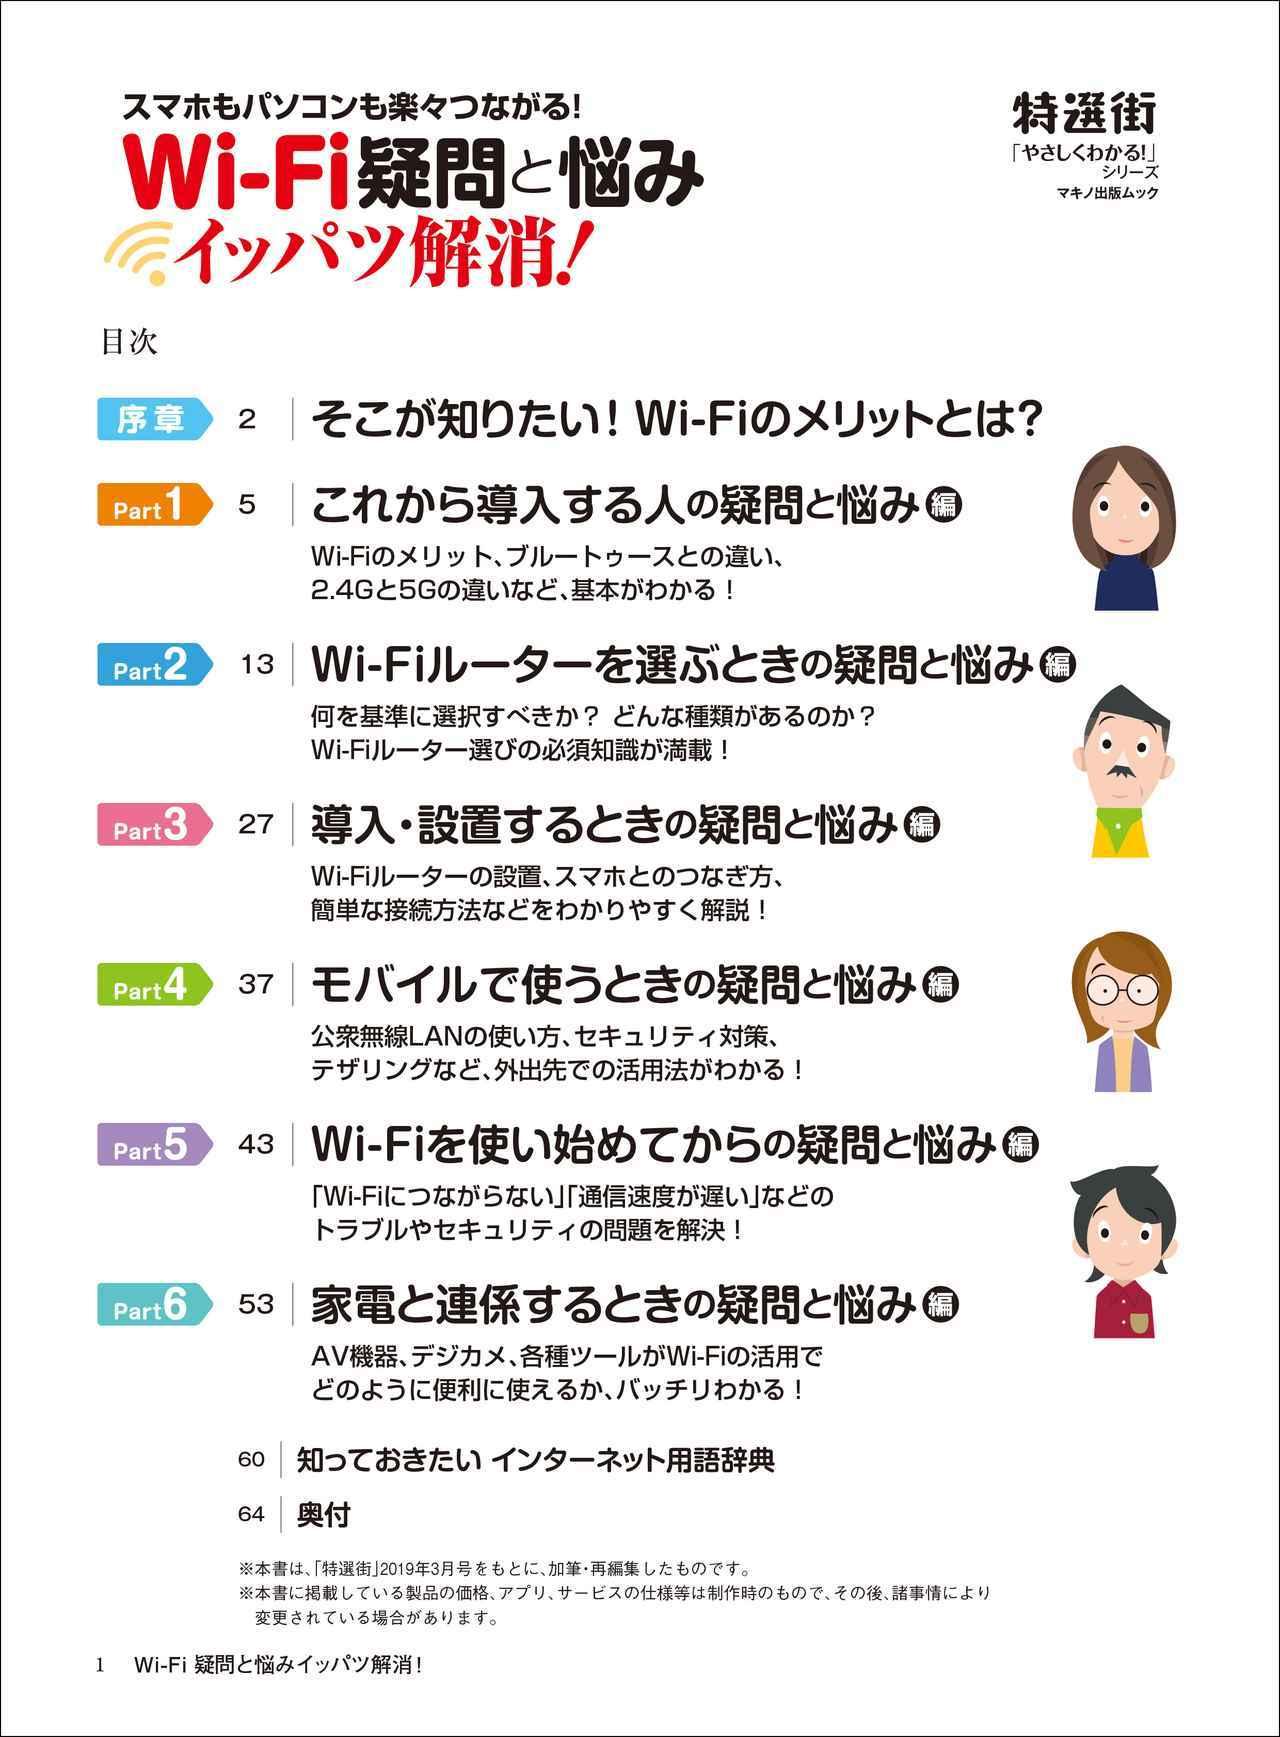 画像: 『特選街』特別編集「やさしくわかる!」シリーズ 『Wi-Fi疑問と悩みイッパツ解消!』本日発売!